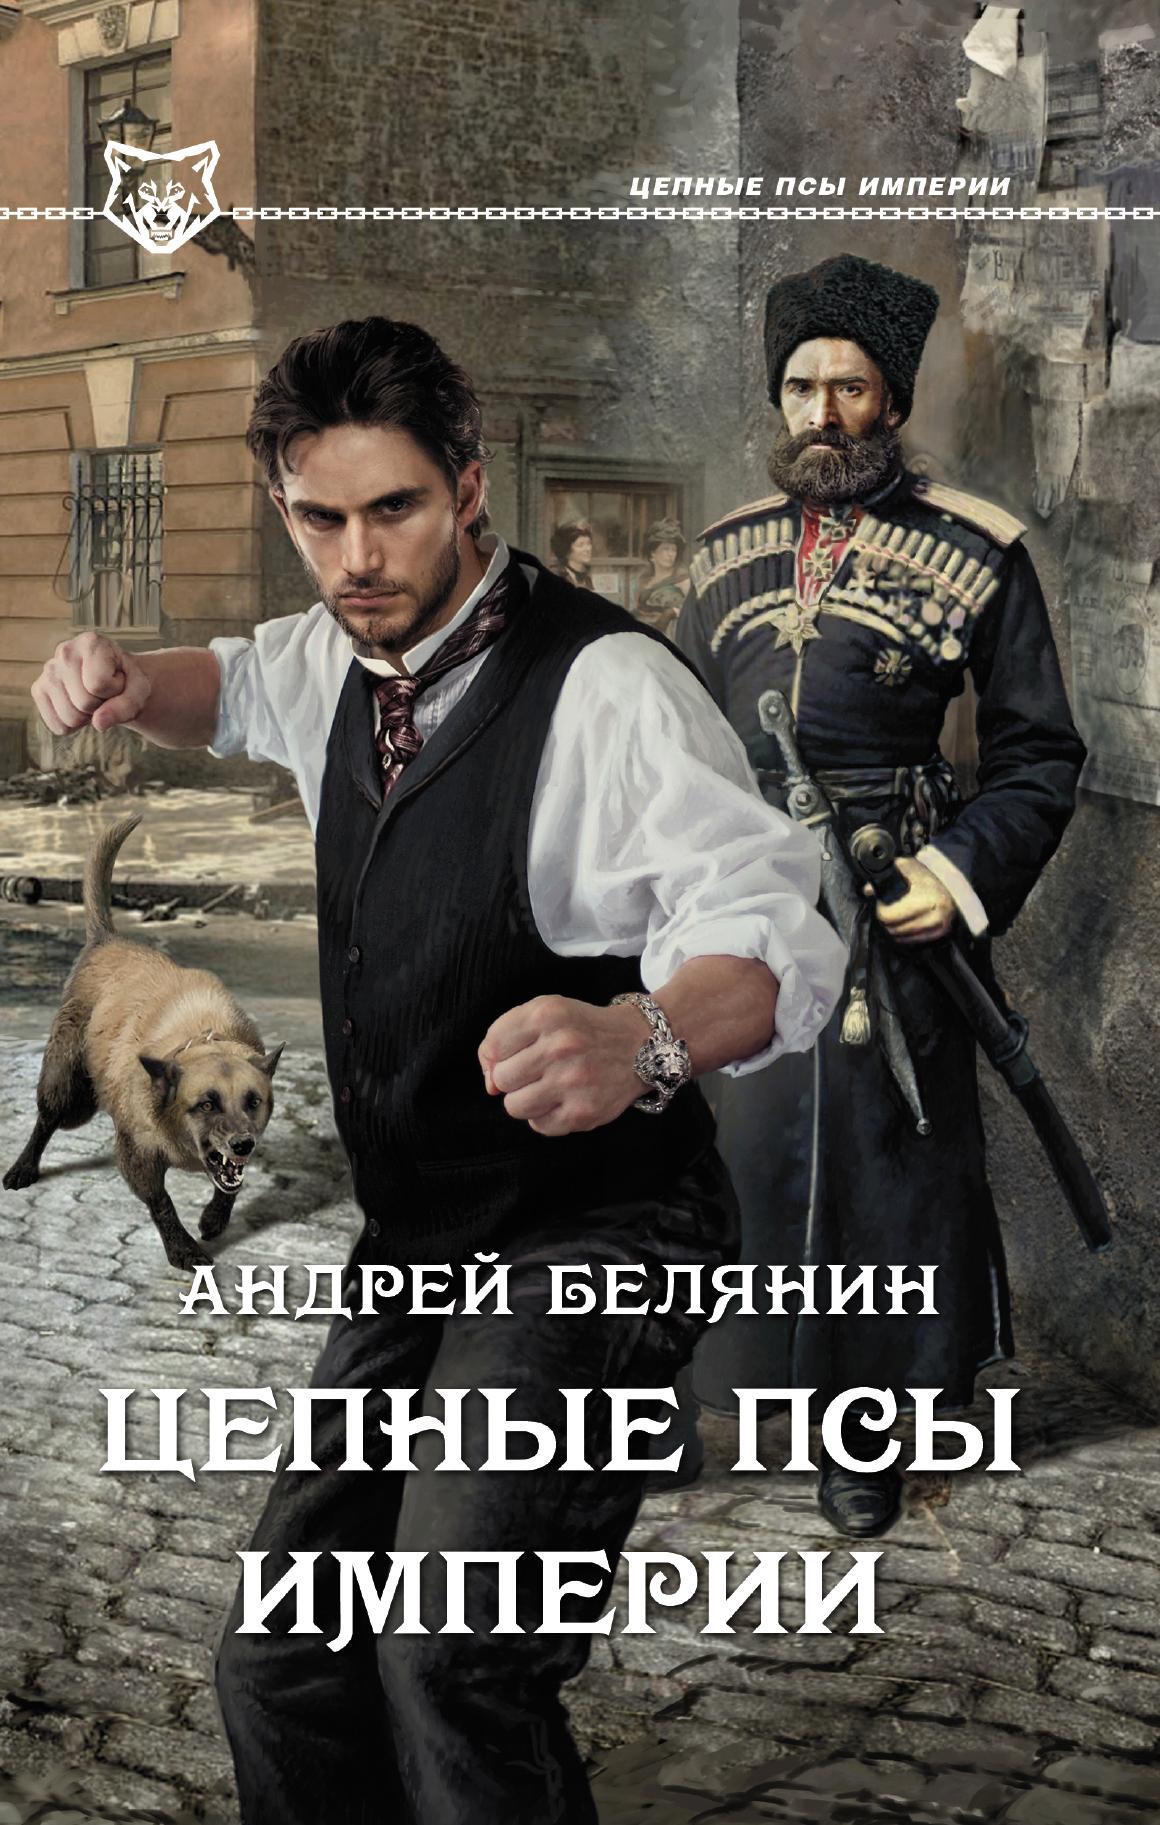 цена на Андрей Белянин Цепные псы Империи